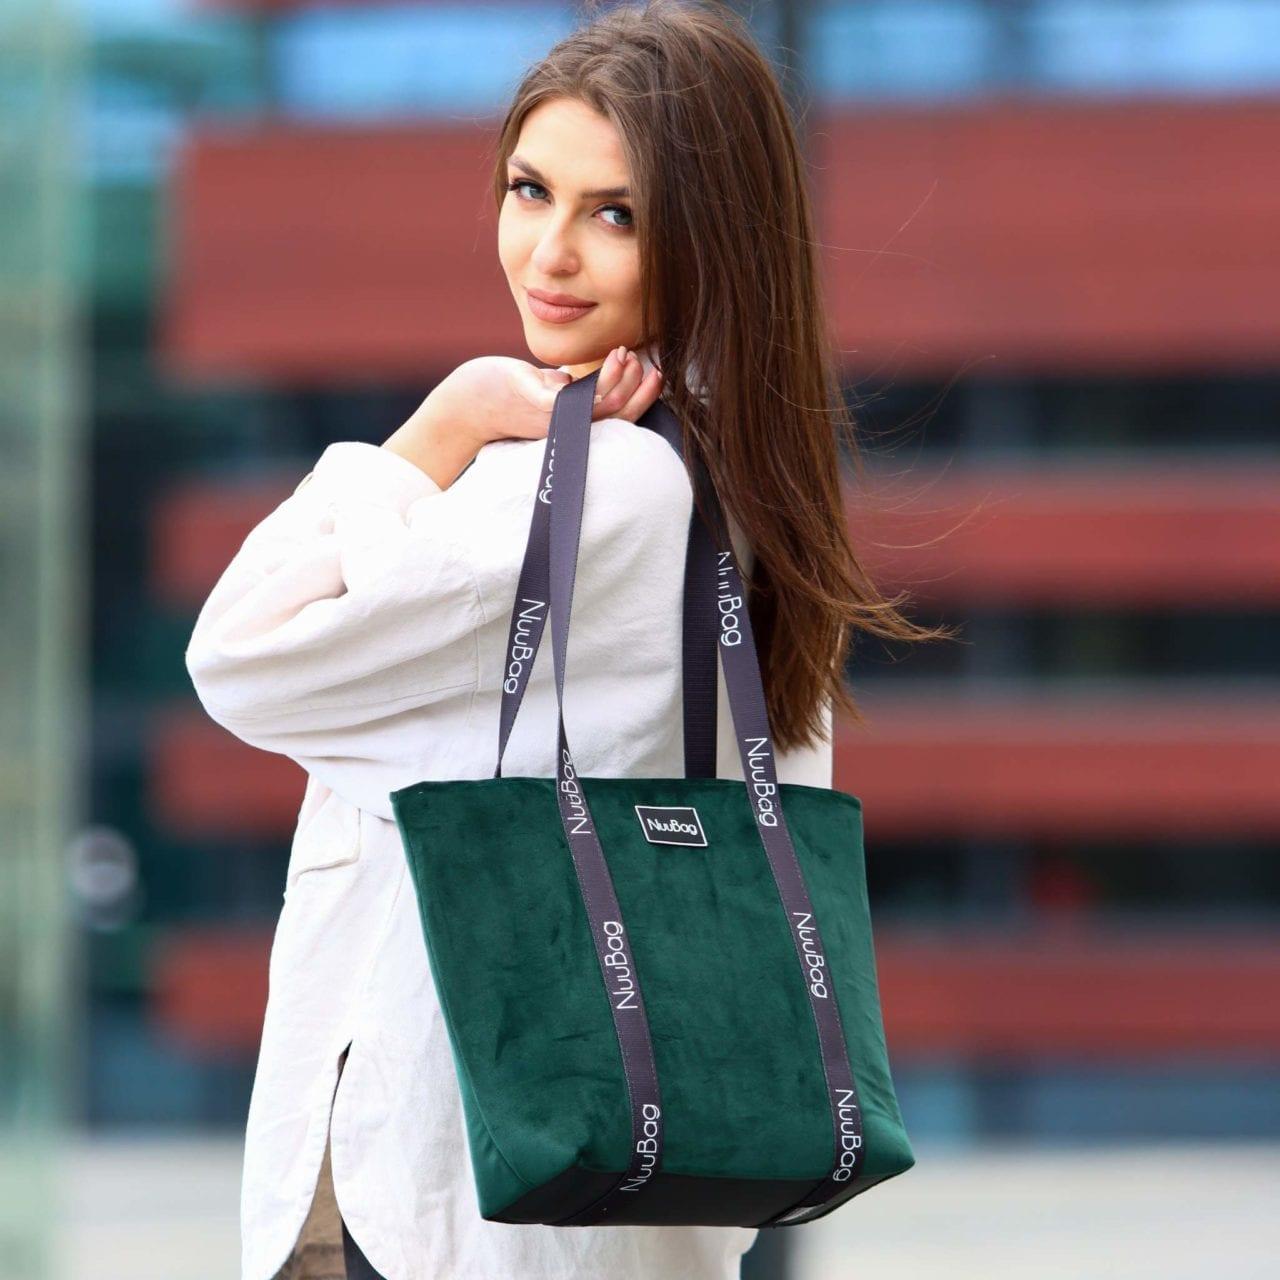 Stylizacja na co dzien z torba na zakupy. Shopperka butelkowa zielen